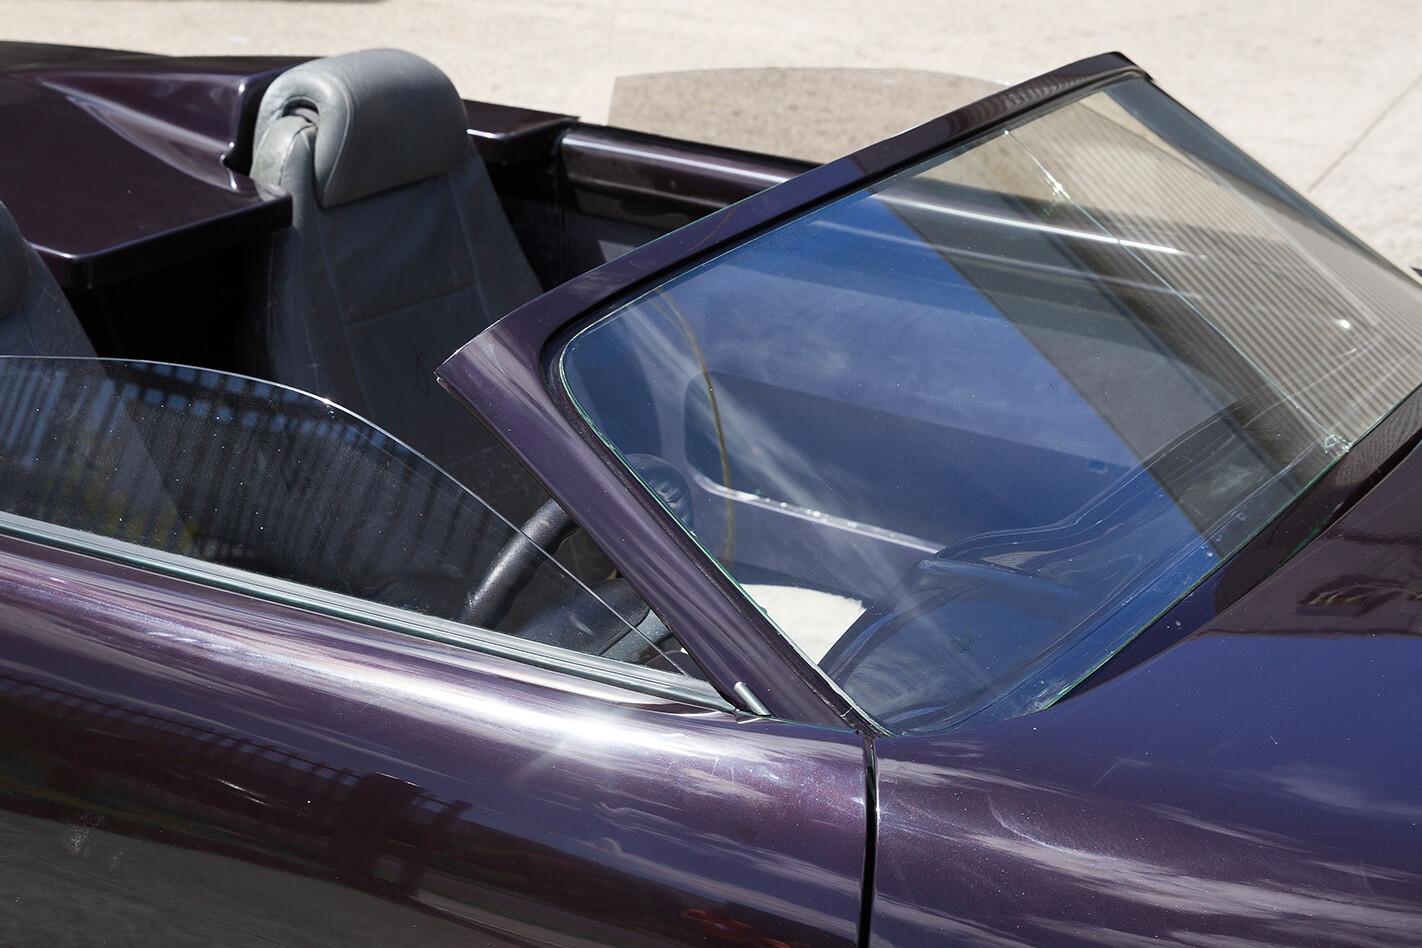 EFIJY FX windscreen